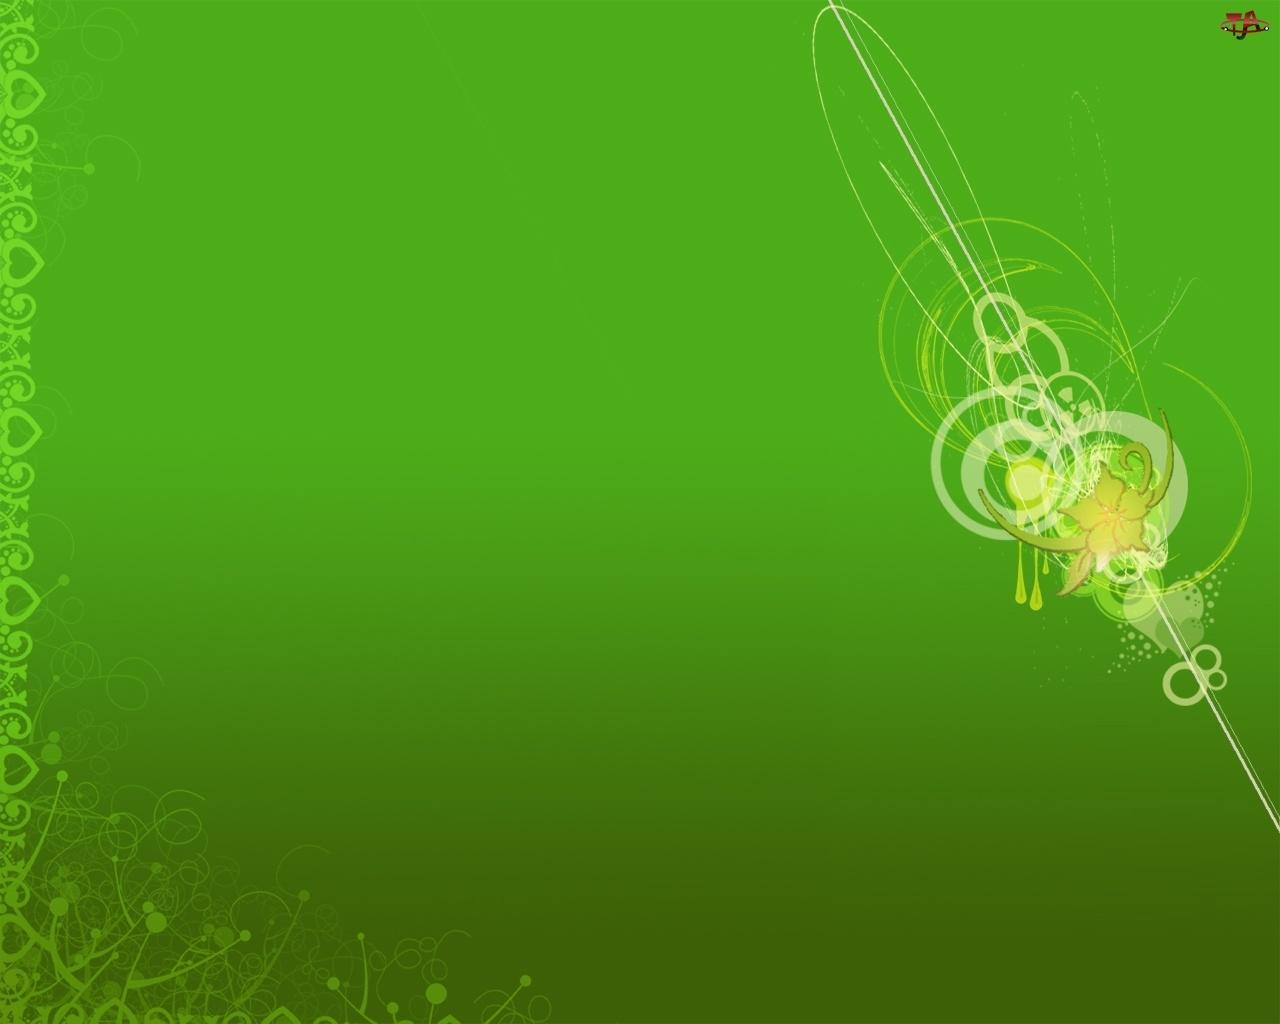 Tło, Wzory, Zielone